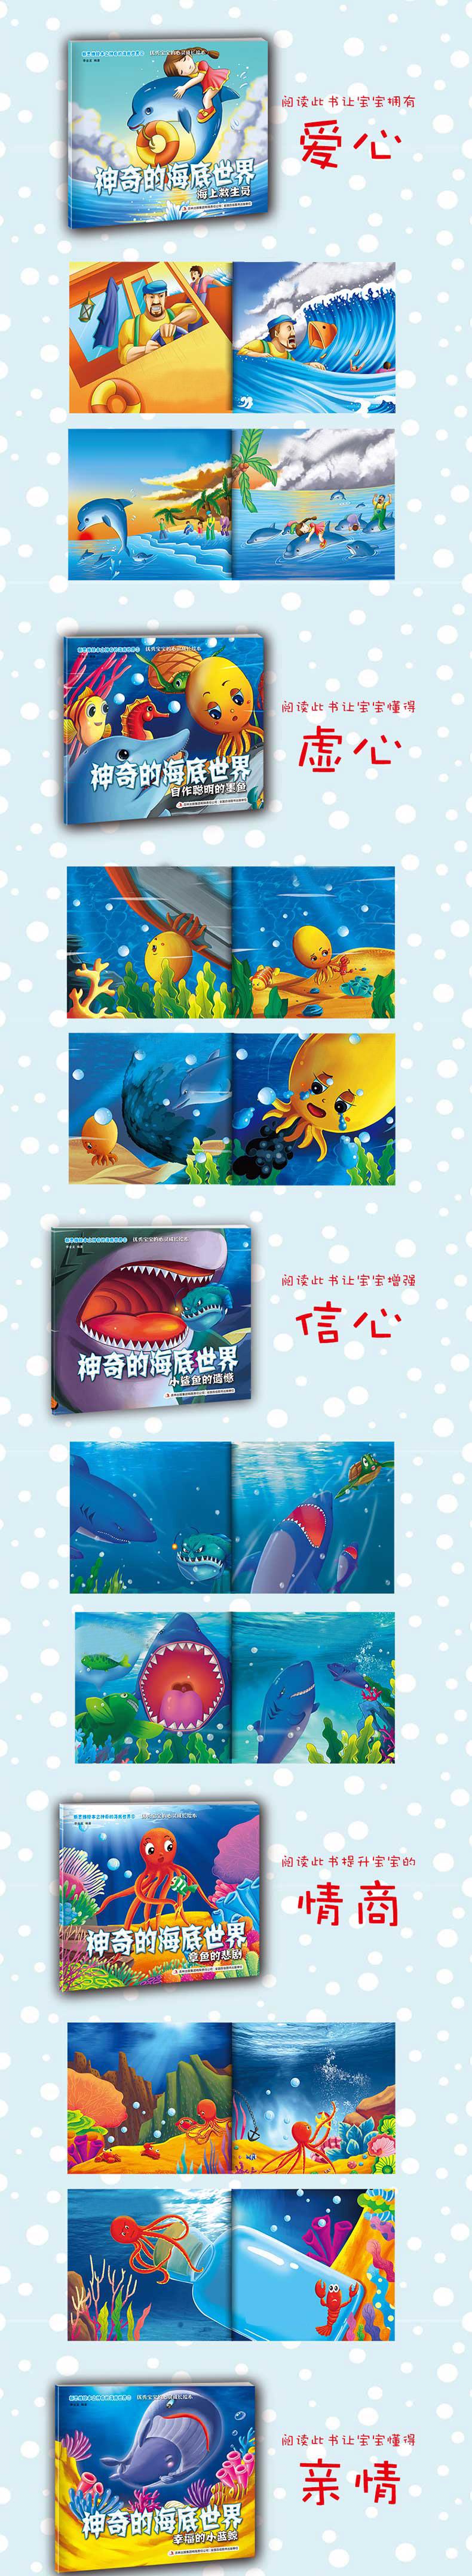 暖房子绘本 思维绘本 神奇的海底世界全8册 海洋蓝